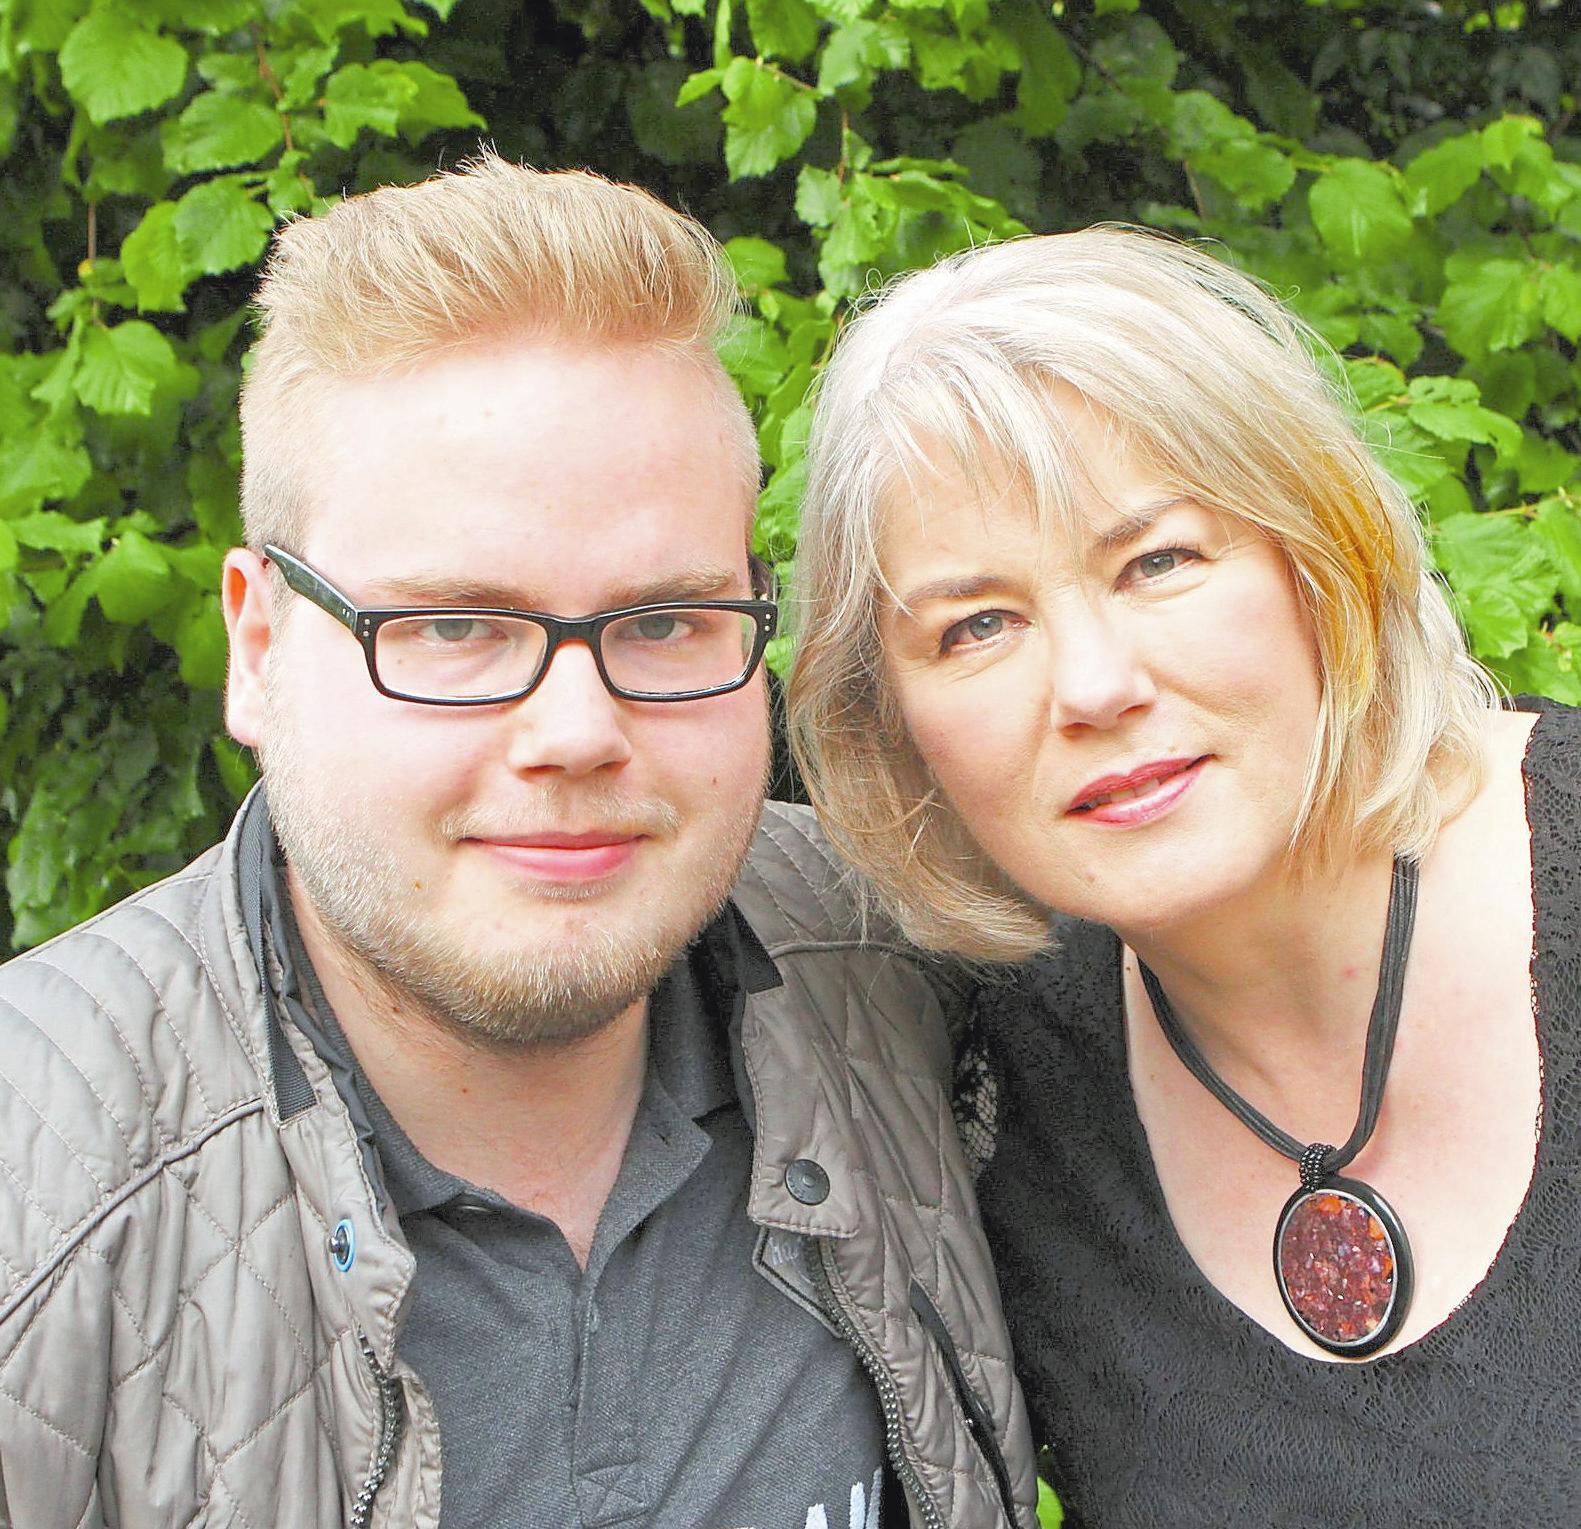 Bürgerschützen-Königin Birgit Weber und Sohn Ferdinand (auf dem Bild l.), der in der Avantgarde aktiv ist, sowie Tochter Friederike (nicht auf dem Bild) haben ein bewegendes Jahr hinter sich gebracht. Fotos: tani